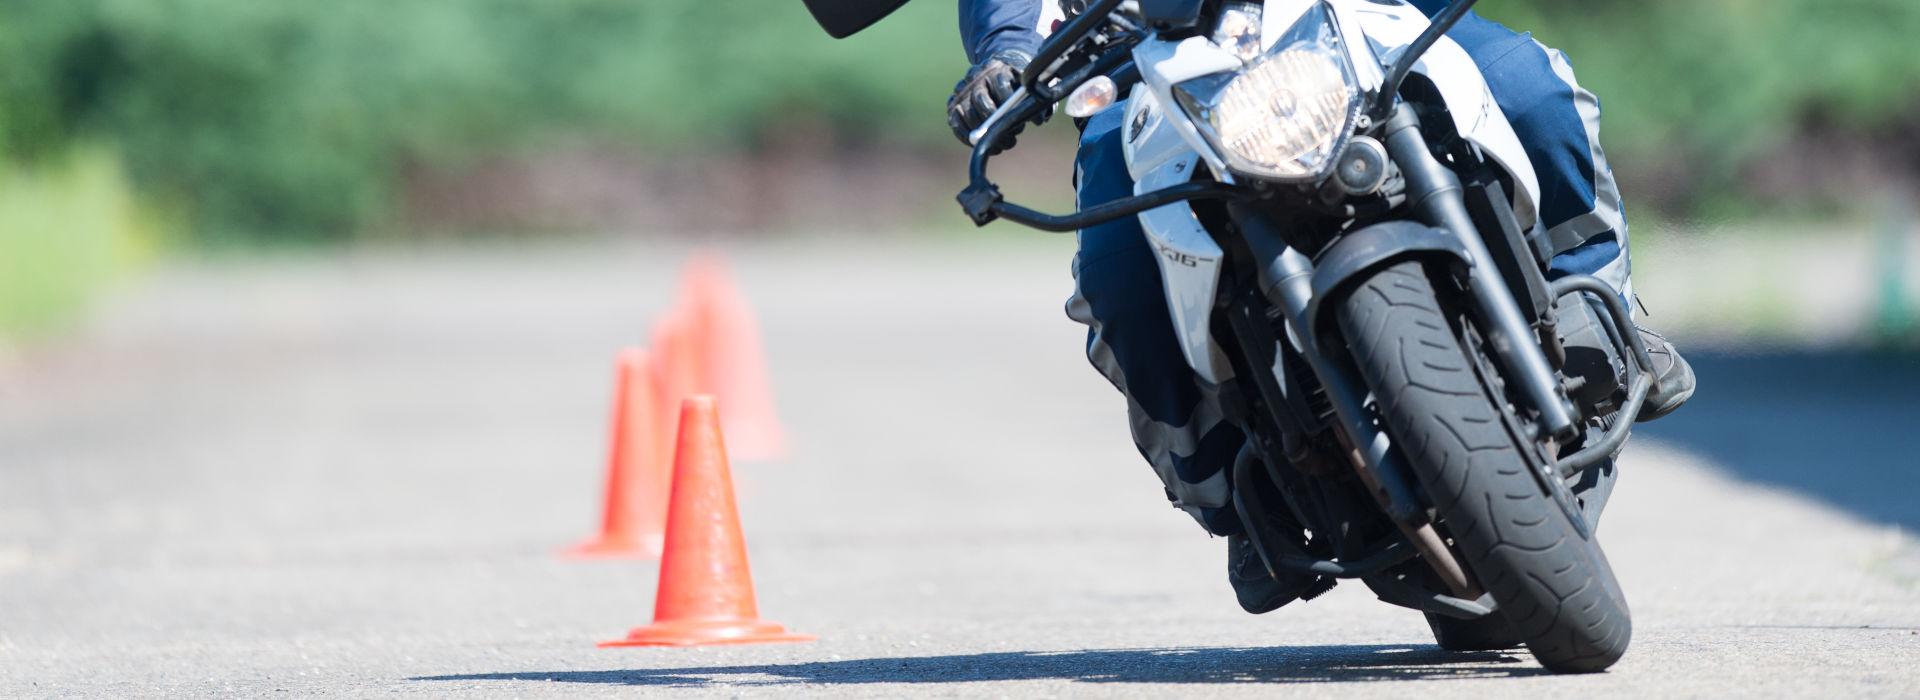 Motorrijbewijspoint Sittard-Geleen motor rijvaardigheid